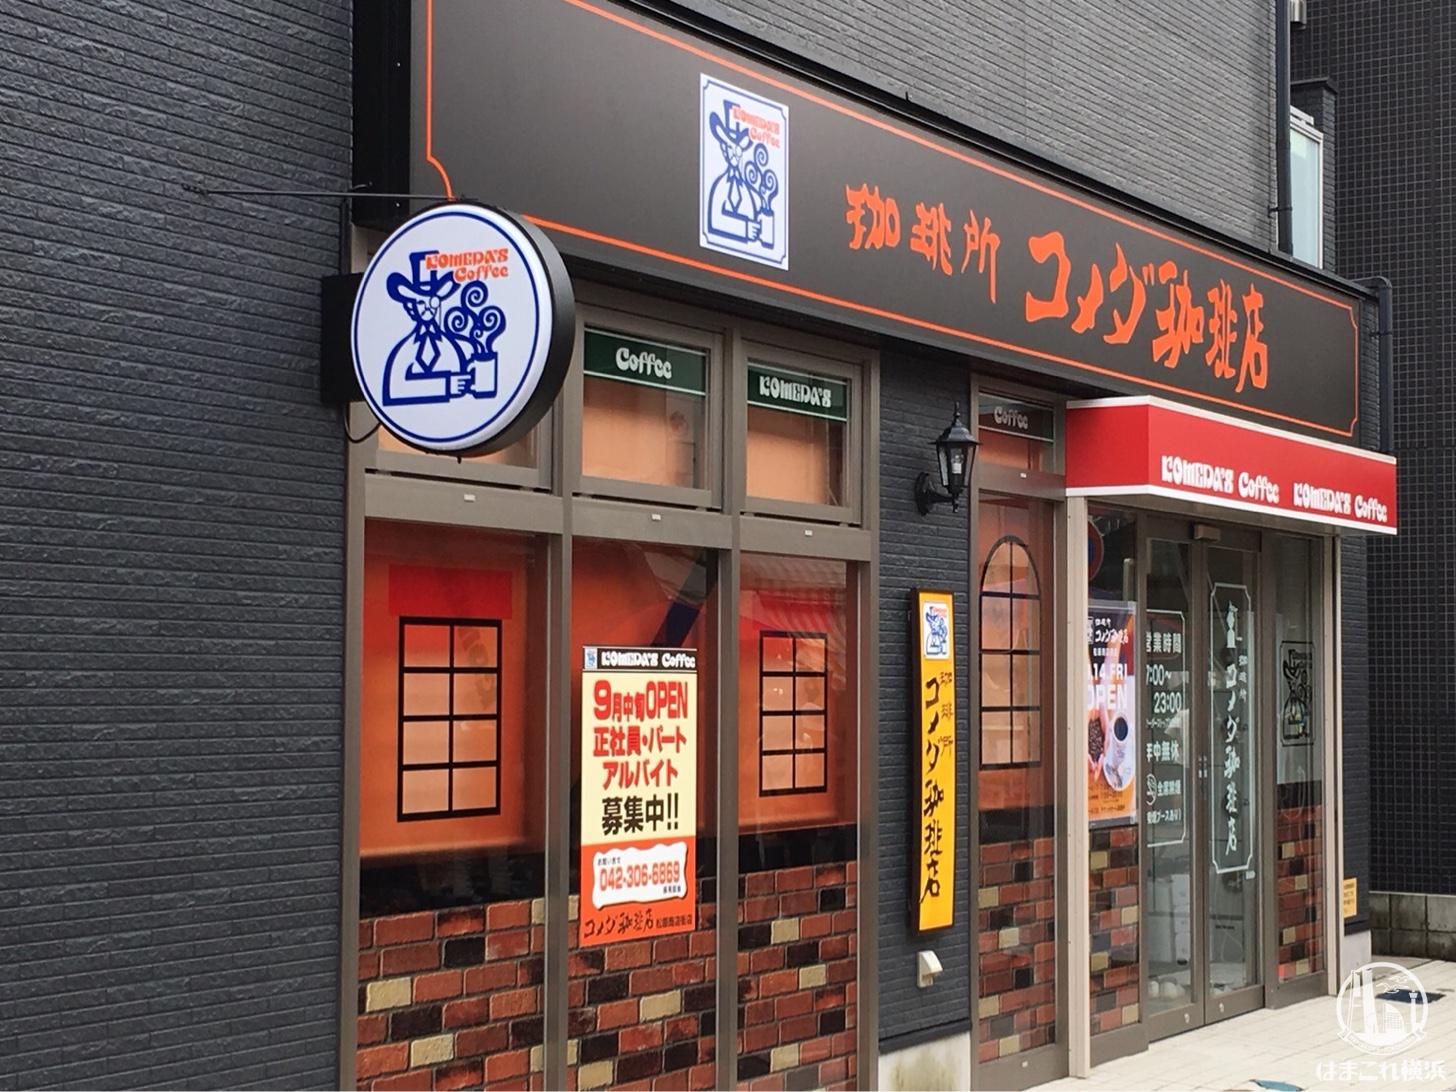 コメダ珈琲店、洪福寺松原商店街に2018年9月中旬オープン予定!